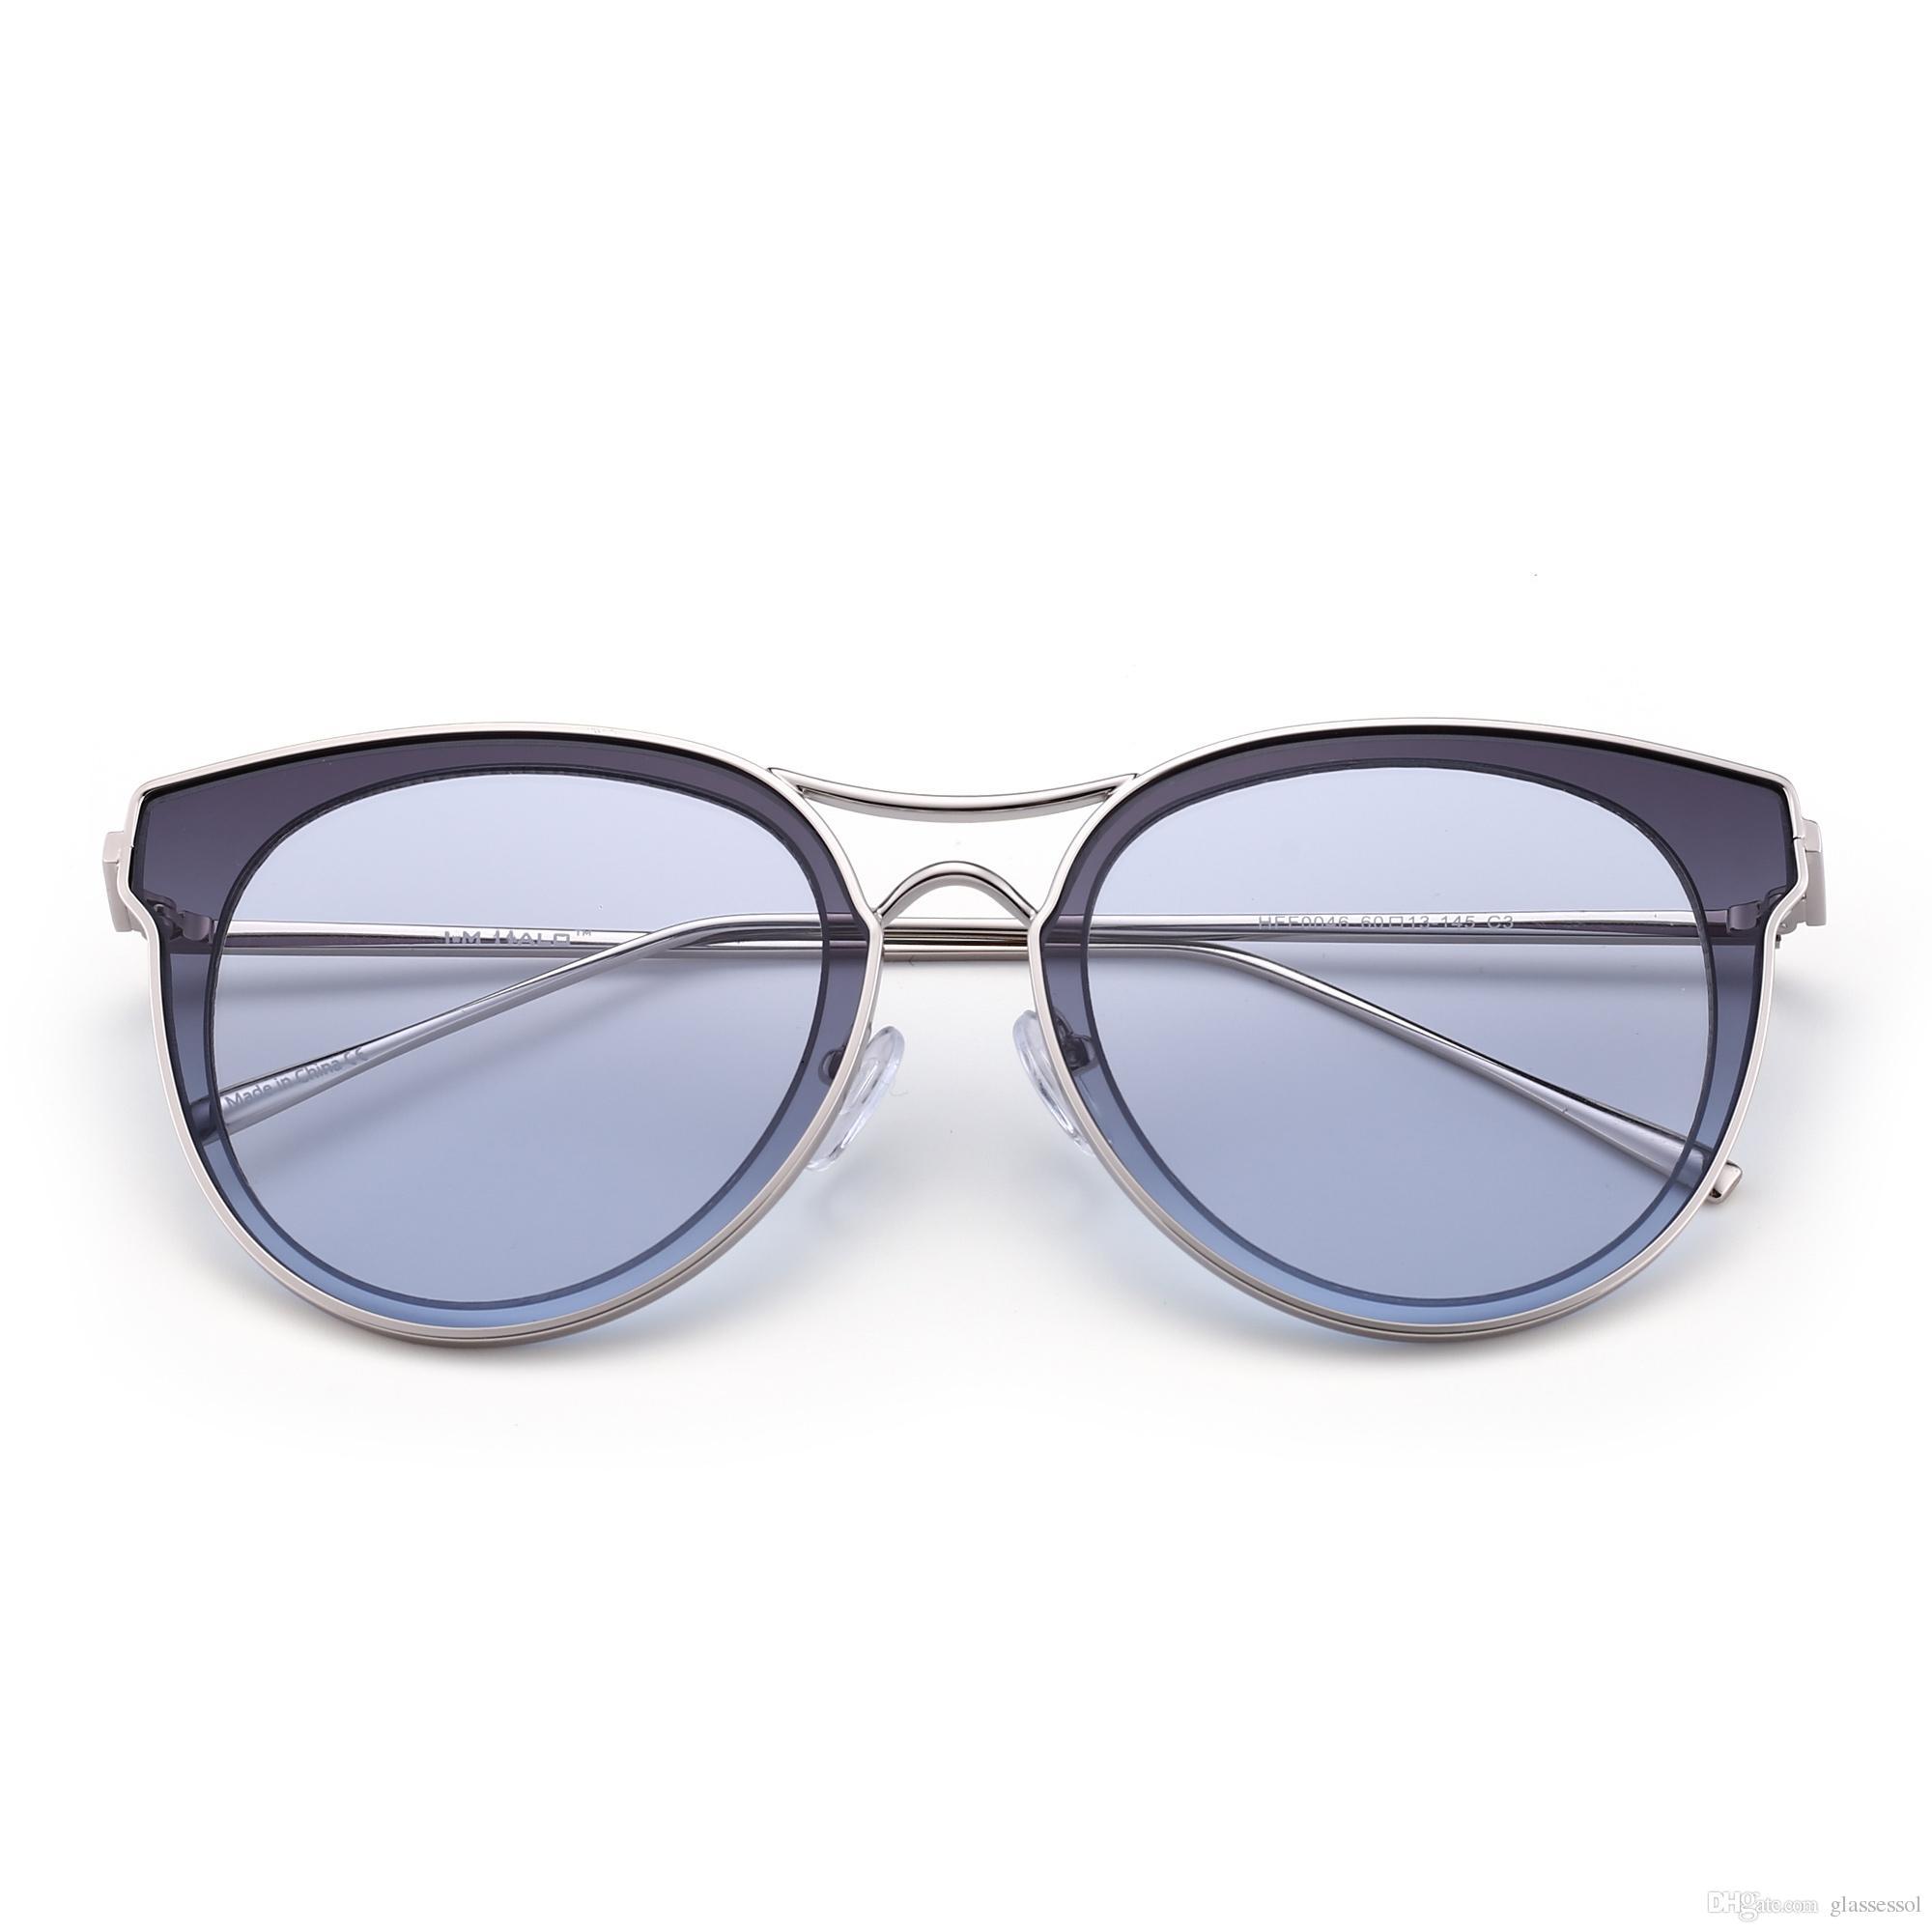 1937b779b14db Compre Frete Grátis 2018 Alta Qualidade Marca Óculos De Sol Homens Moda  Evidence Óculos De Sol Designer De Desgaste Dos Olhos Para Homens Mulheres  Óculos De ...